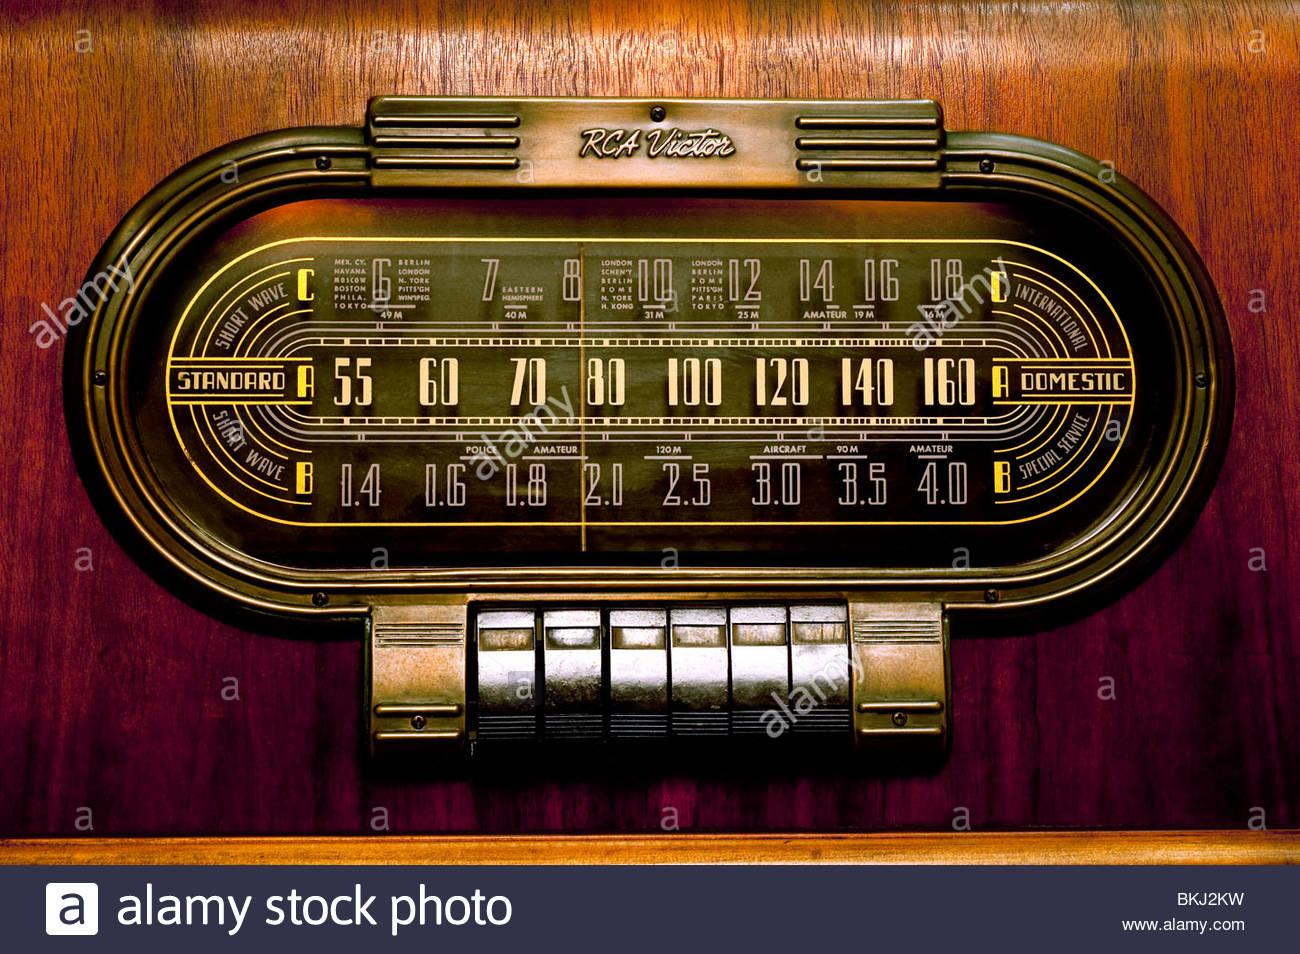 Antique Vintage Radio RCA Modèle 1940 19K sur ondes courtes bandes amateur belle ancienne Close Up du cadran Photo Stock